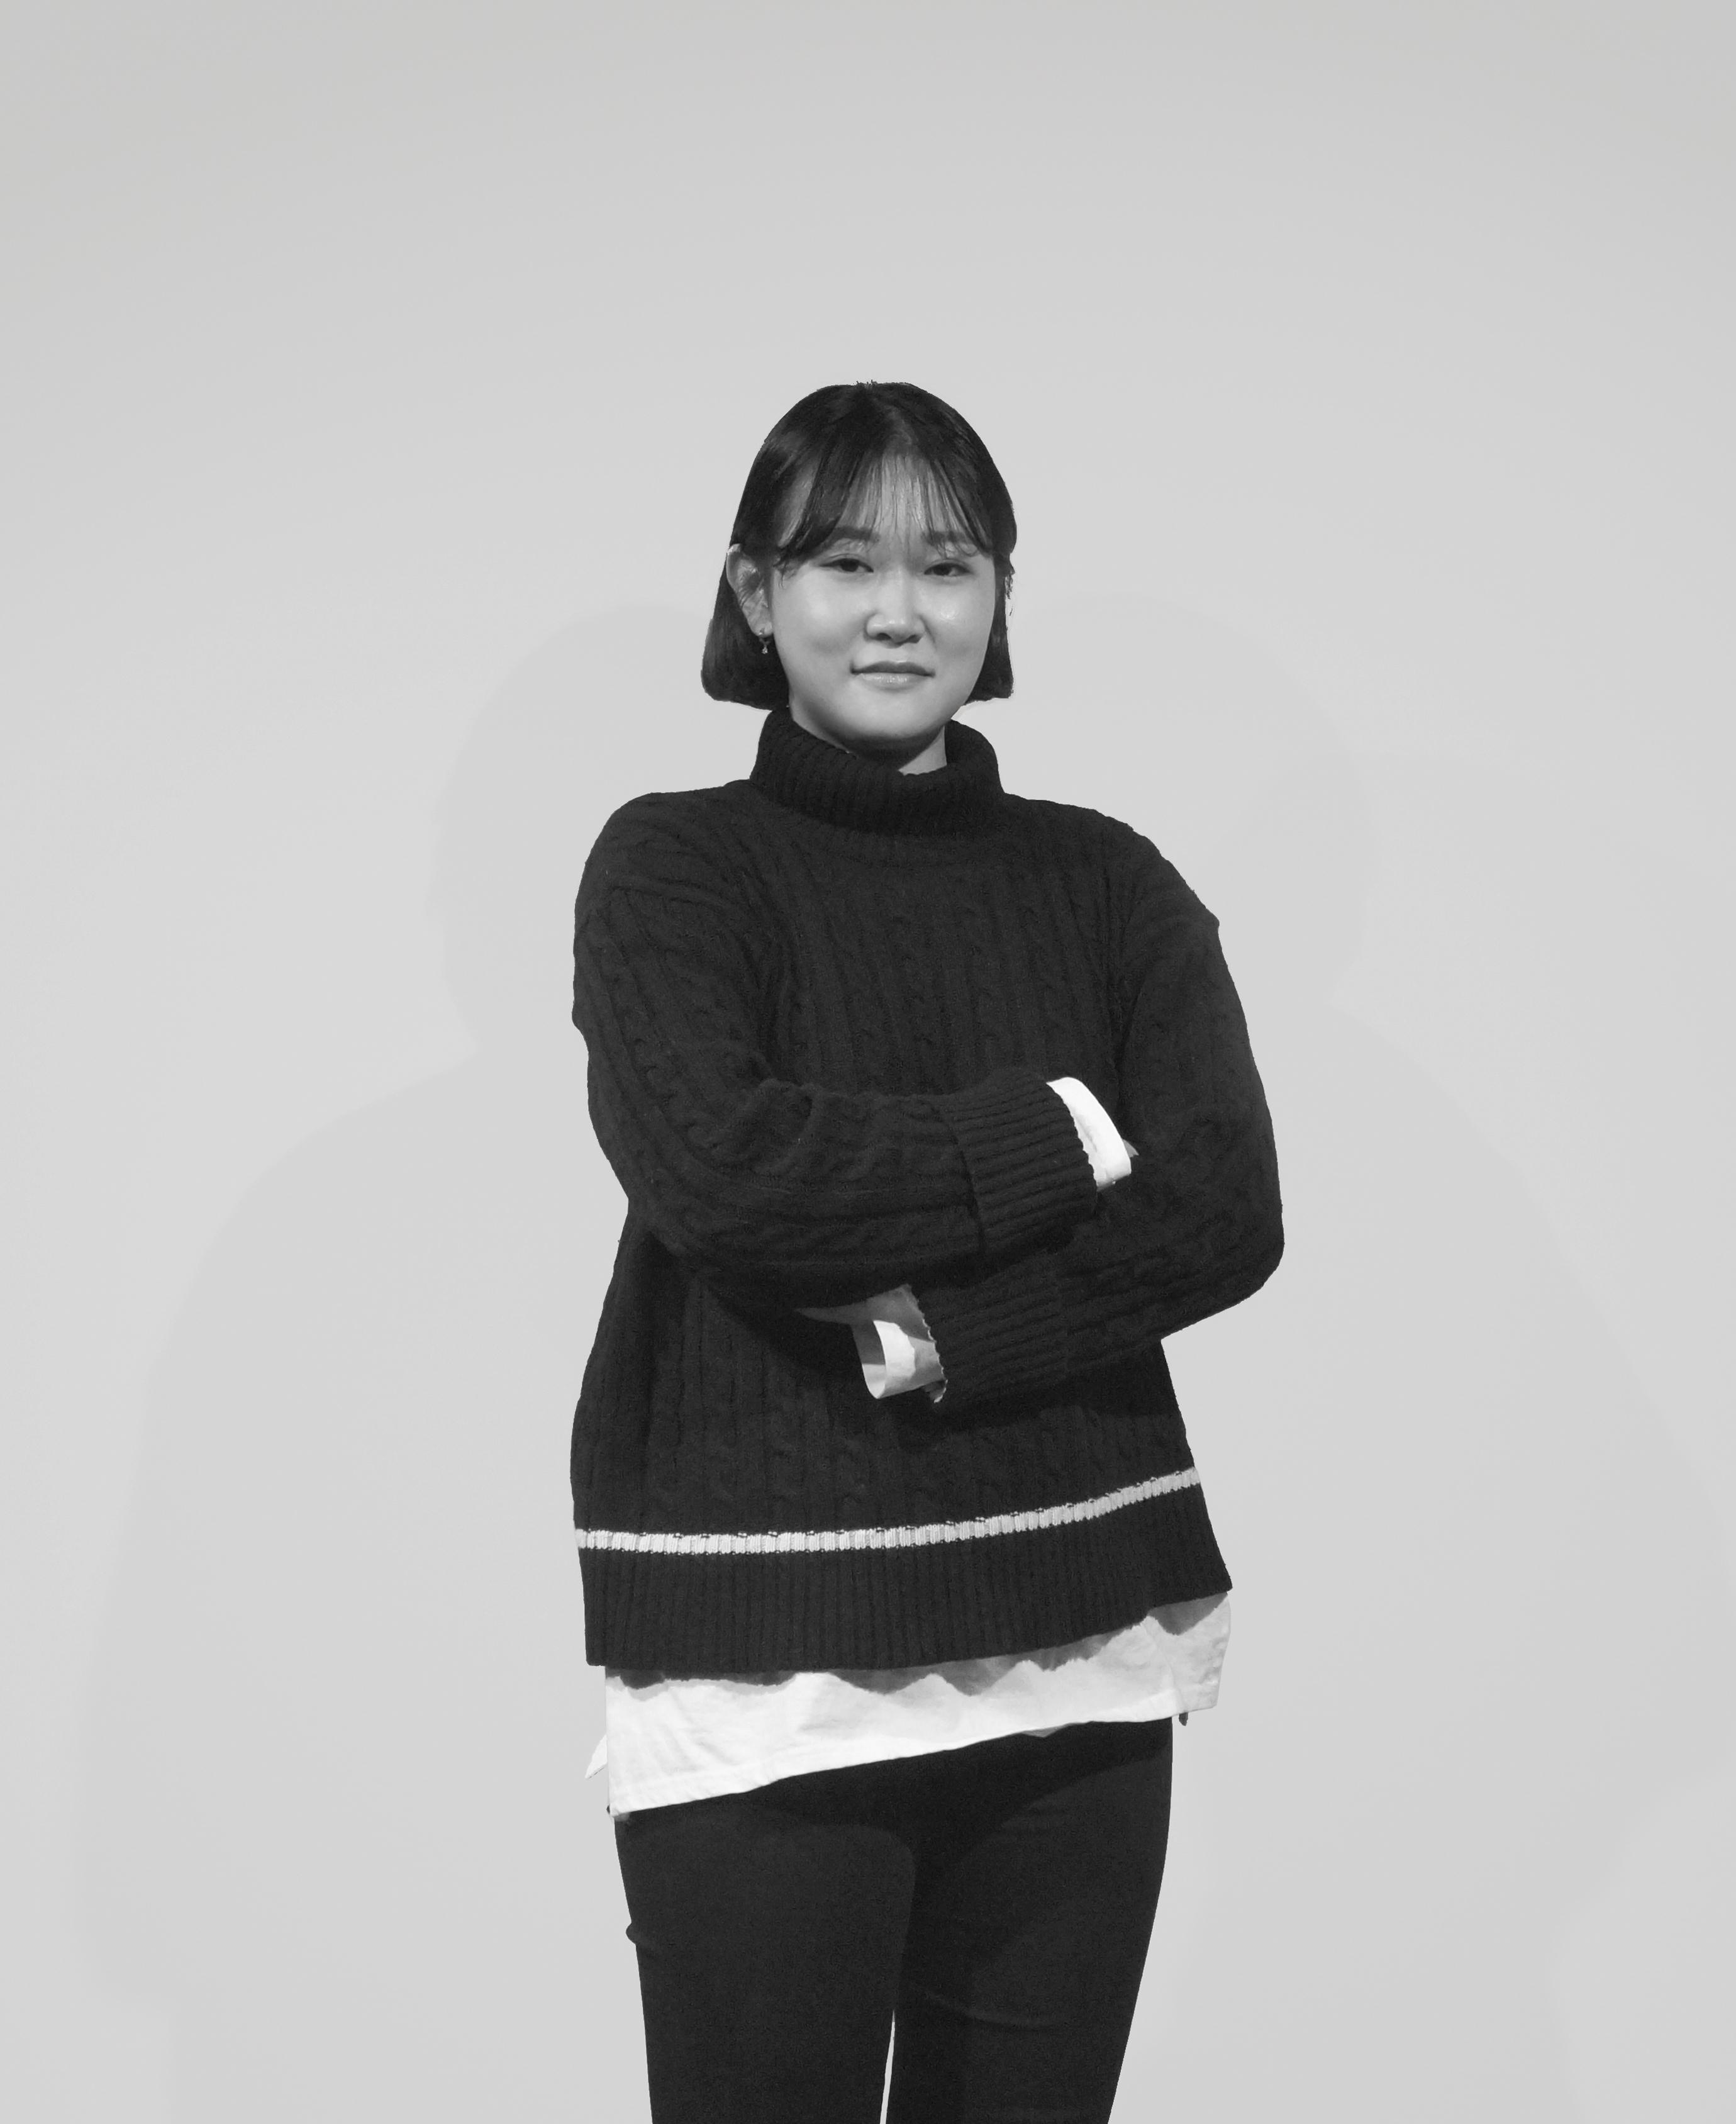 Youngmin Hwang